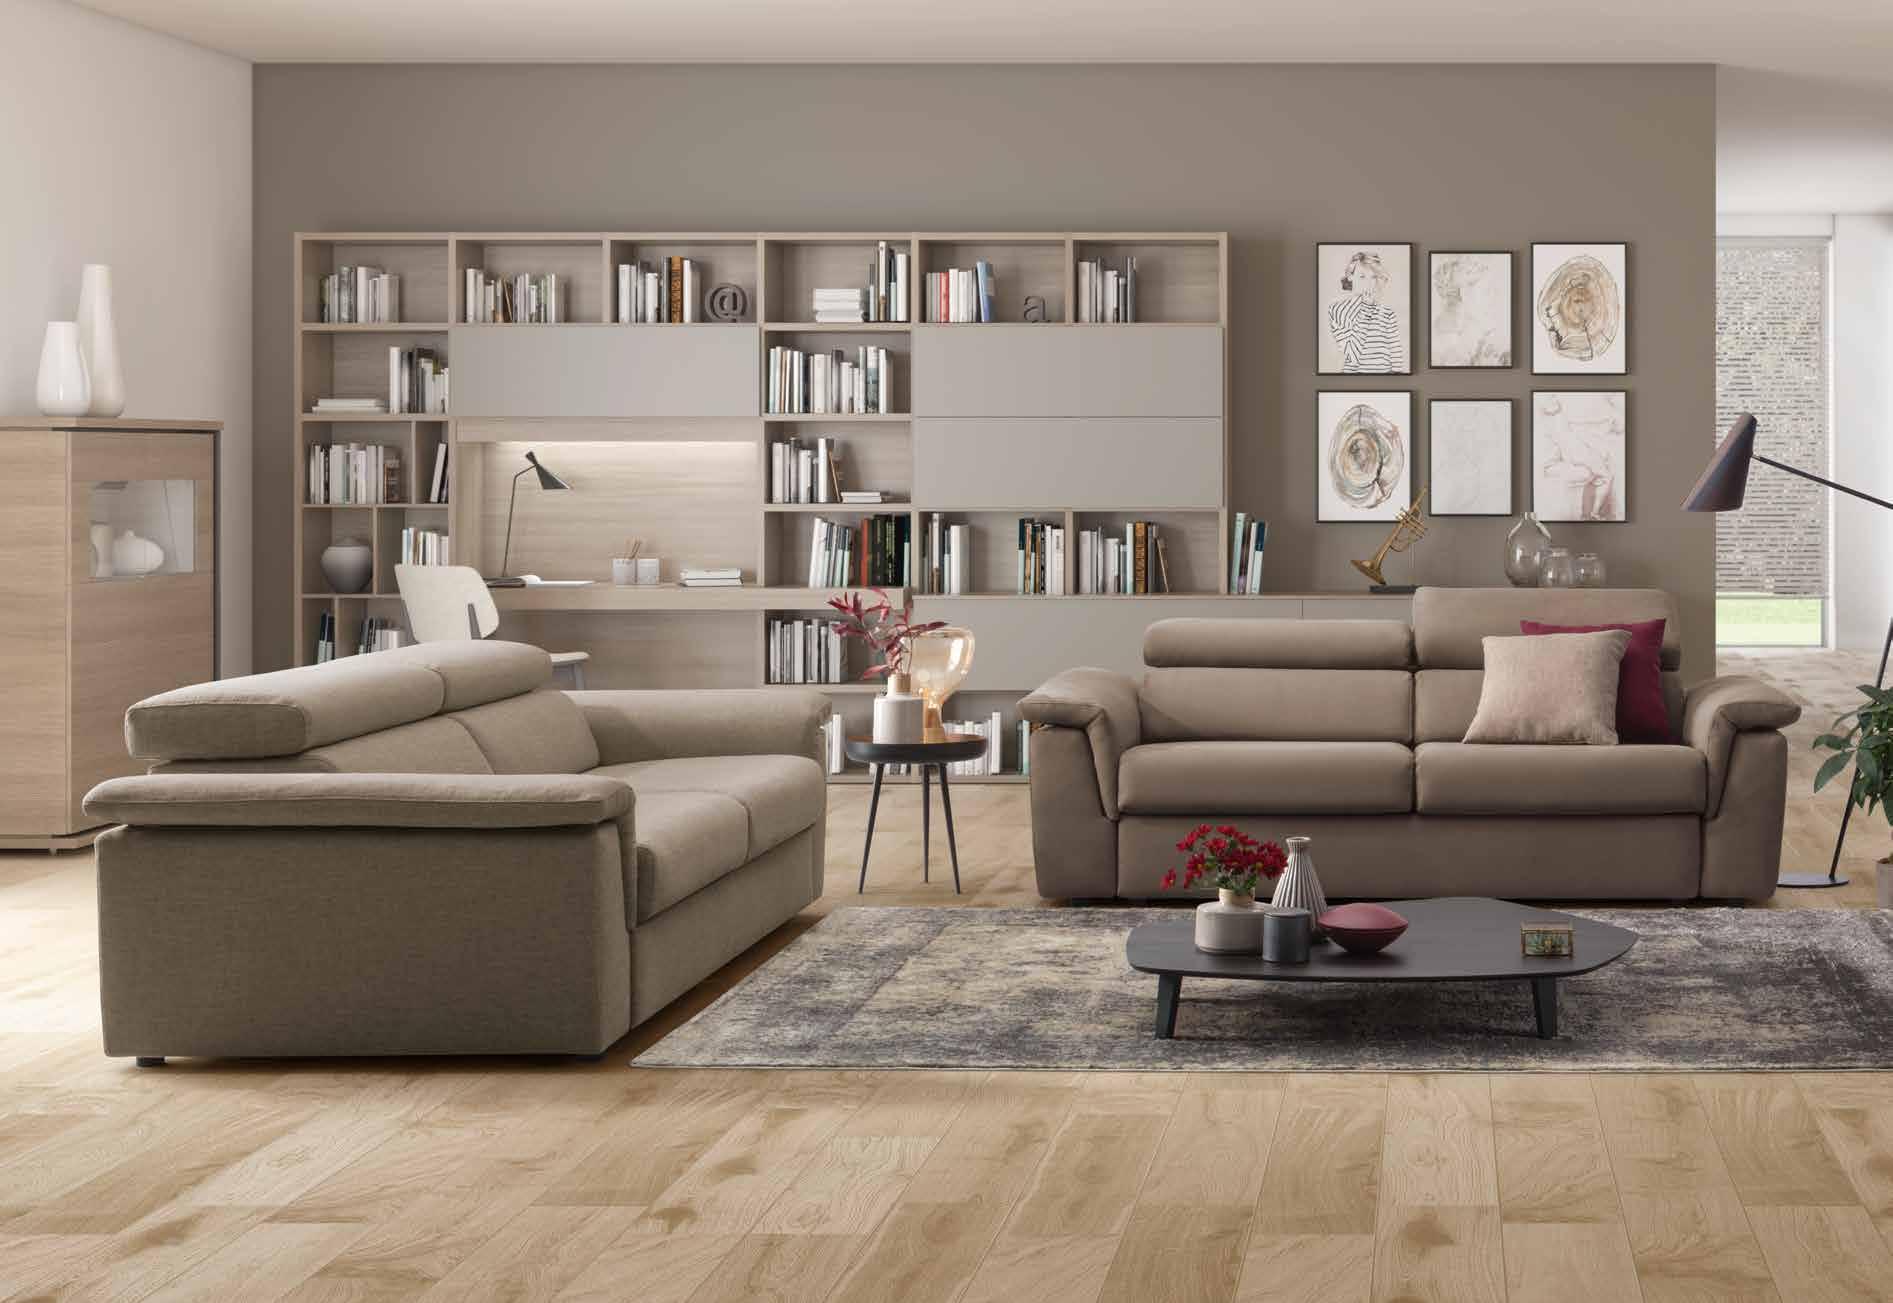 Arredamenti Moderni Immagini come arredare un soggiorno moderno?